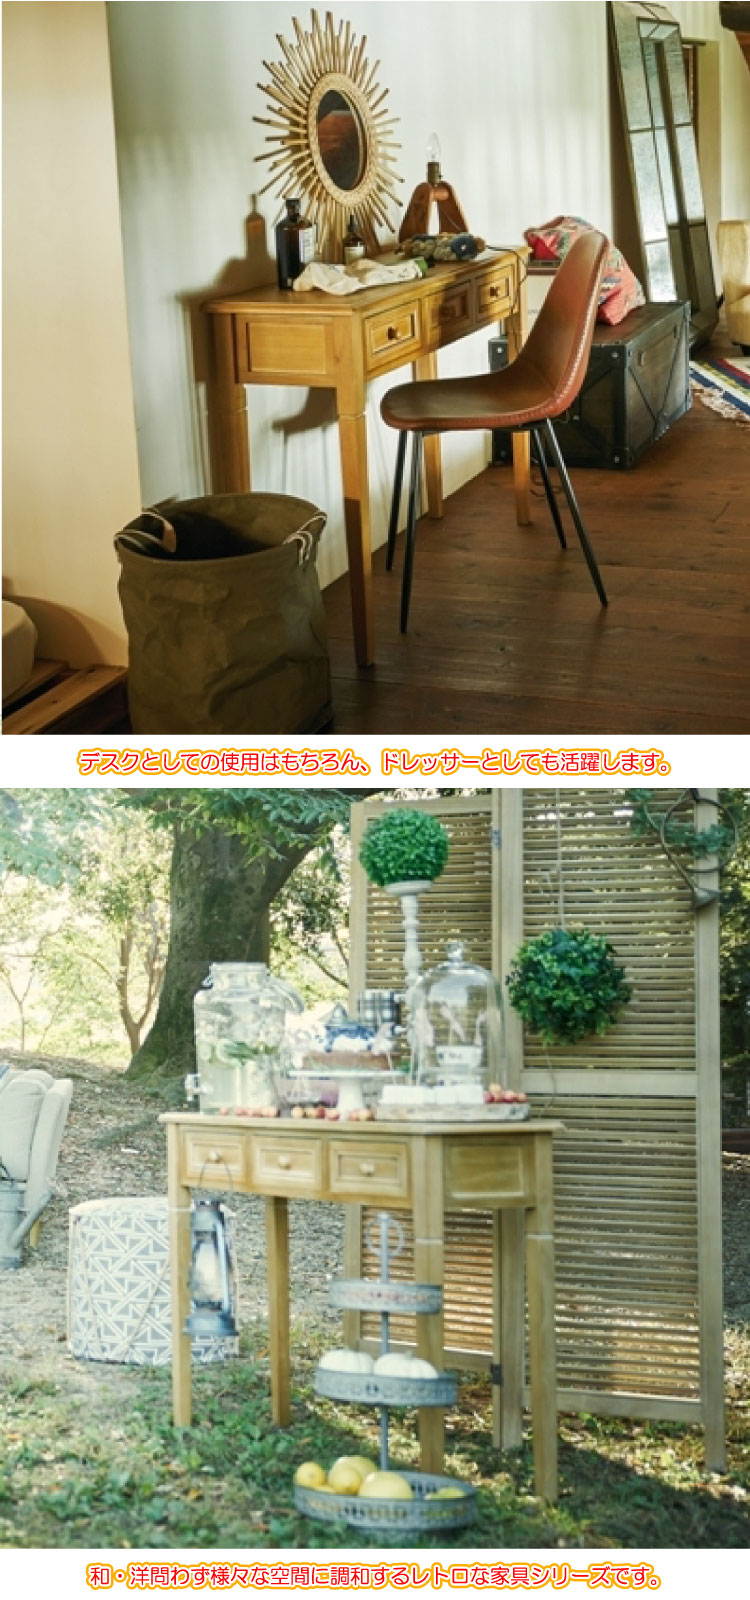 レトロアンティーク調・天然木桐製コンソールデスク(幅100cm)